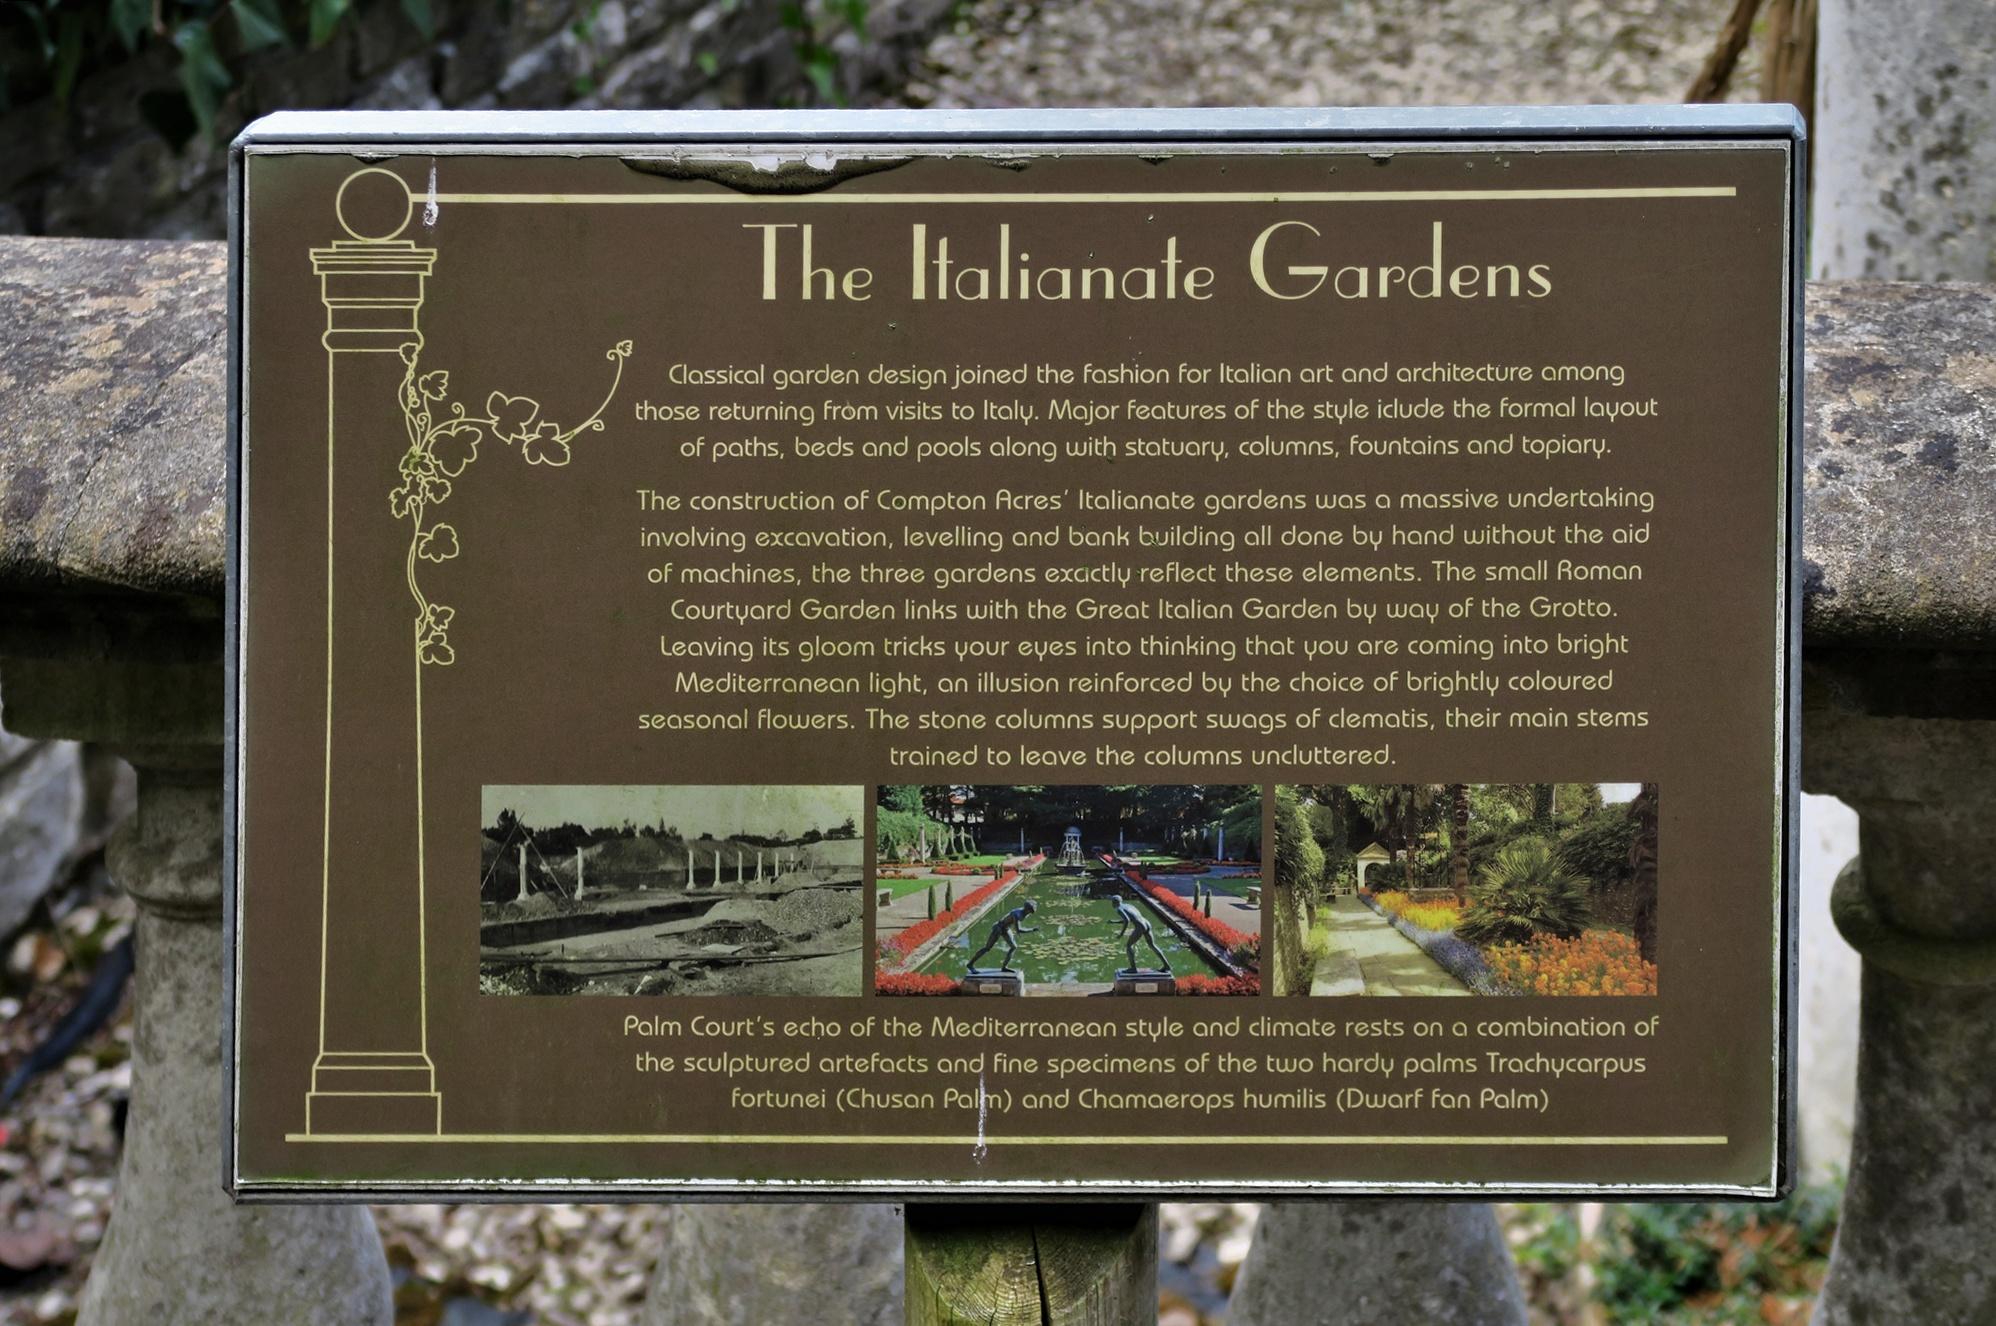 Campton Acres Gardens